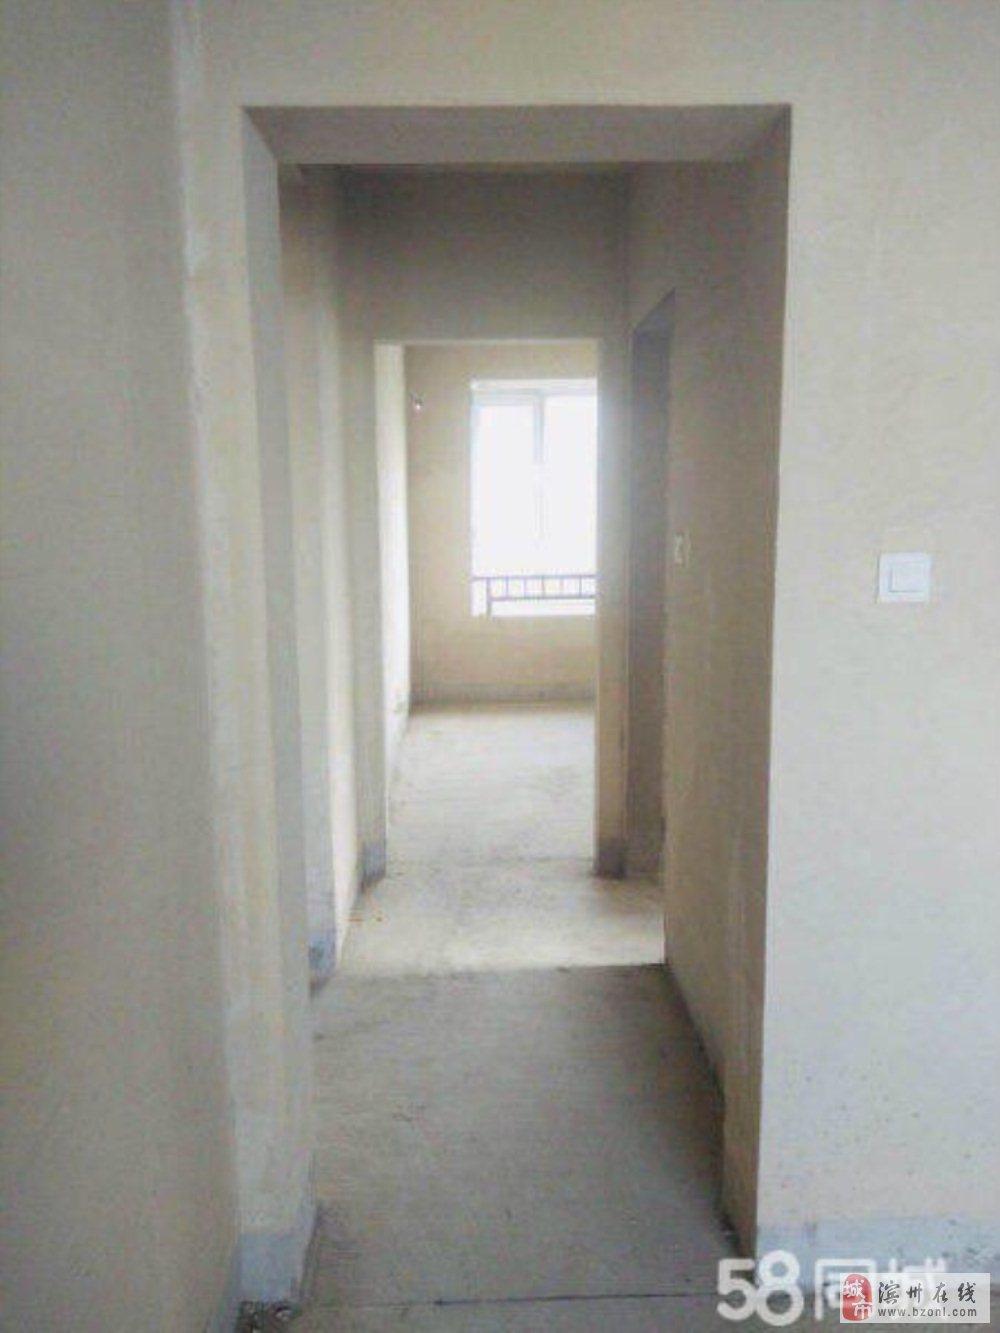 安联风度柏林124平3室毛坯裸房135万